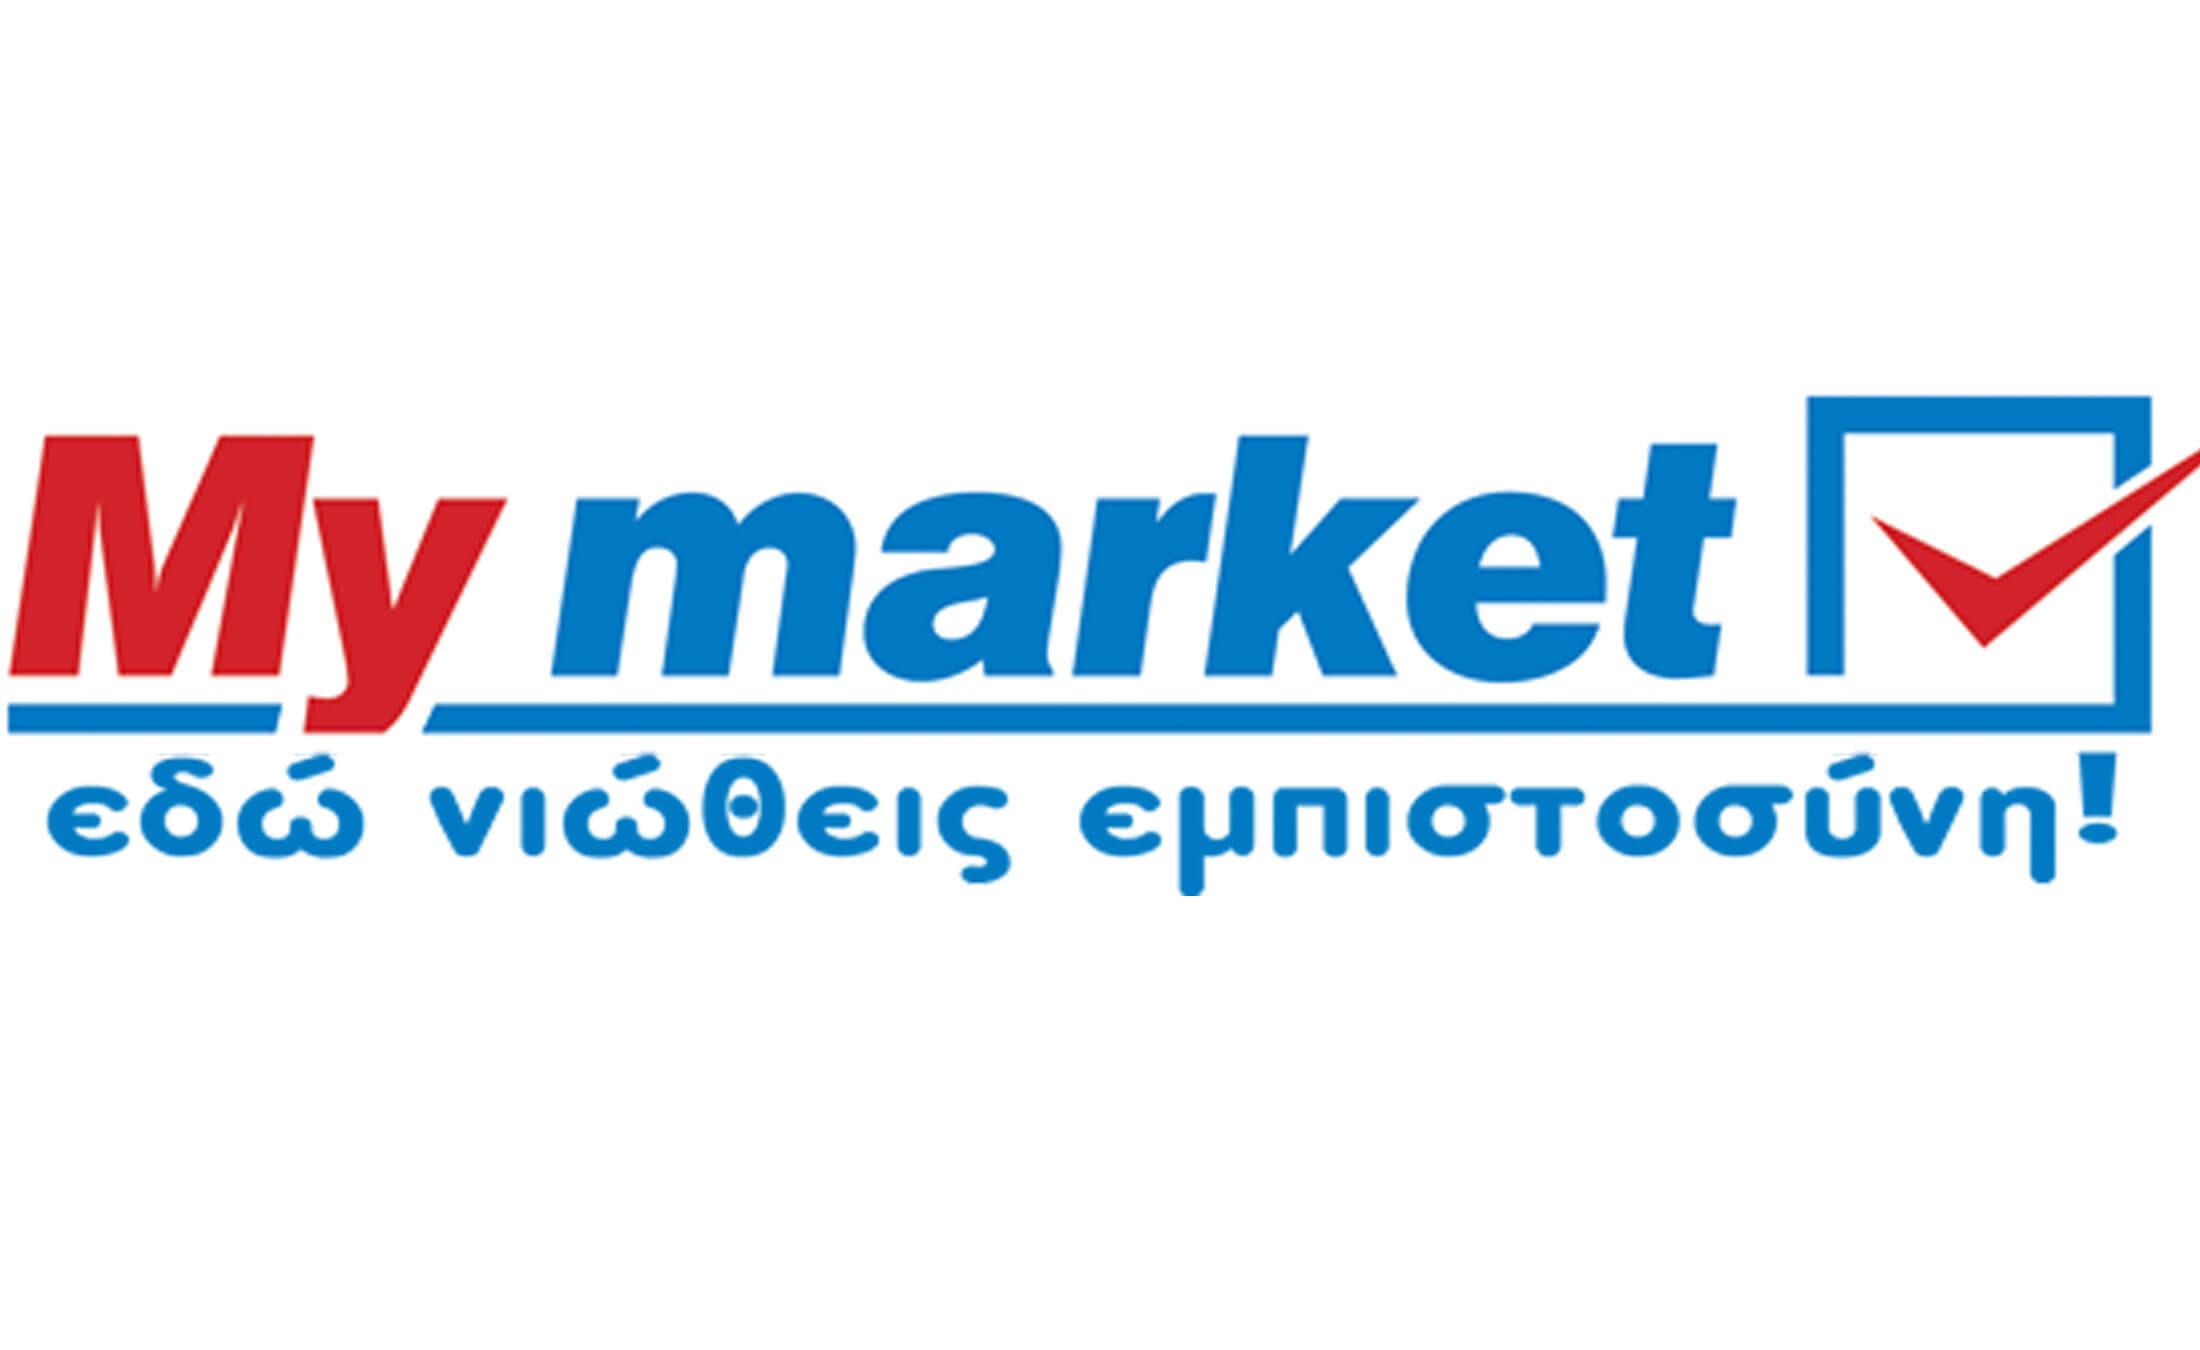 Χαμογελάτε είναι… αναγκαστικό! Σάλος με το memo του My Market – «Μεμονωμένο περιστατικό» λέει η εταιρία